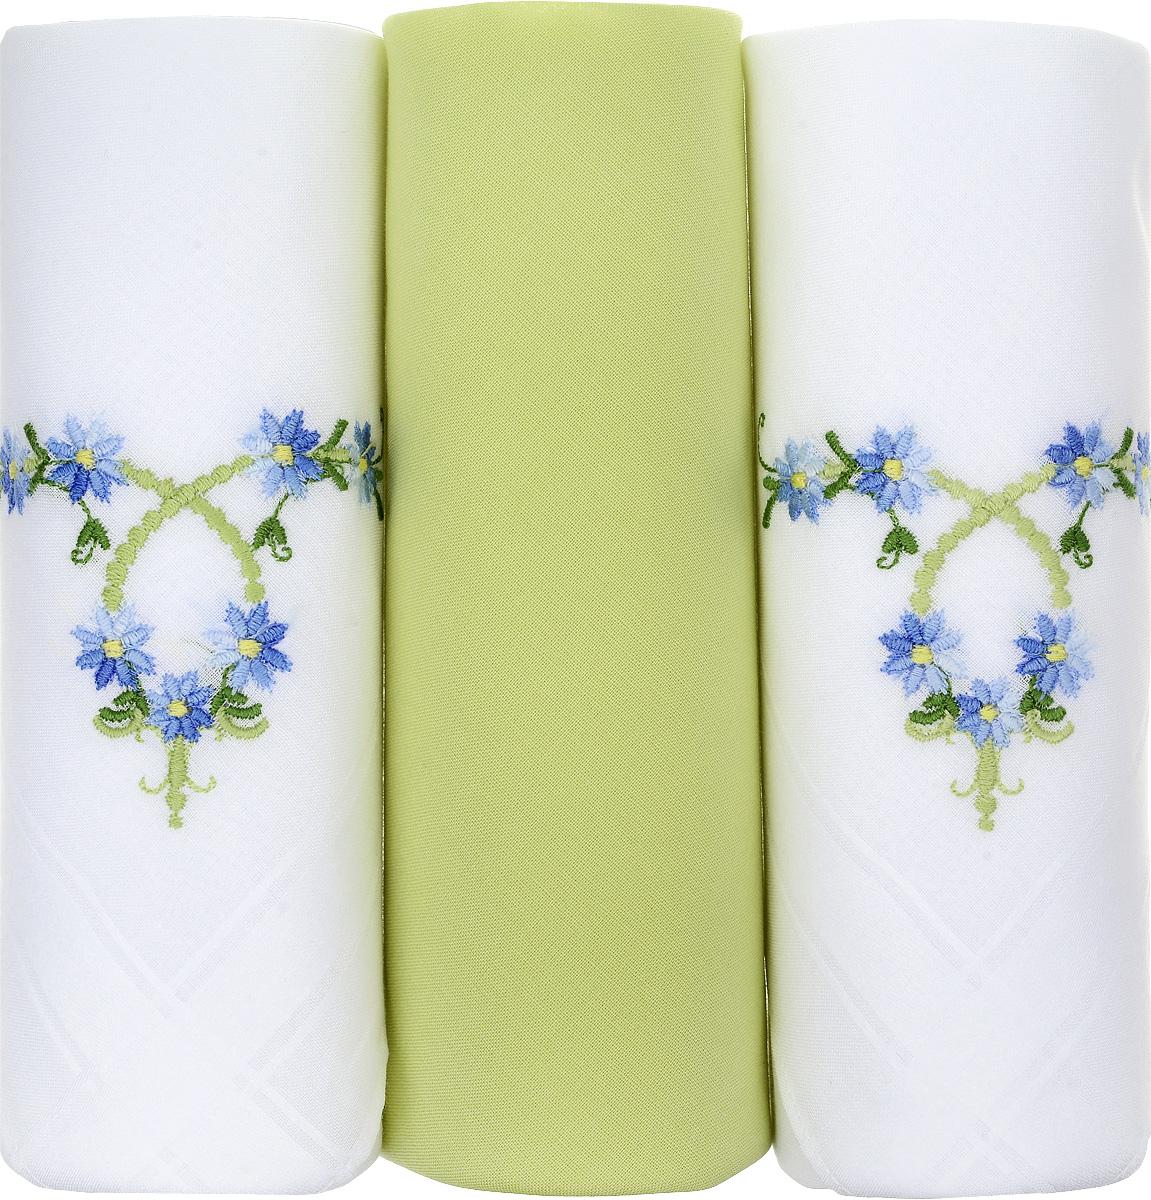 Платок носовой женский Zlata Korunka, цвет: белый, салатовый, 3 шт. 25605-1. Размер 30 см х 30 см39864|Серьги с подвескамиНебольшой женский носовой платок Zlata Korunka изготовлен из высококачественного натурального хлопка, благодаря чему приятен в использовании, хорошо стирается, не садится и отлично впитывает влагу. Практичный и изящный носовой платок будет незаменим в повседневной жизни любого современного человека. Такой платок послужит стильным аксессуаром и подчеркнет ваше превосходное чувство вкуса.В комплекте 3 платка.